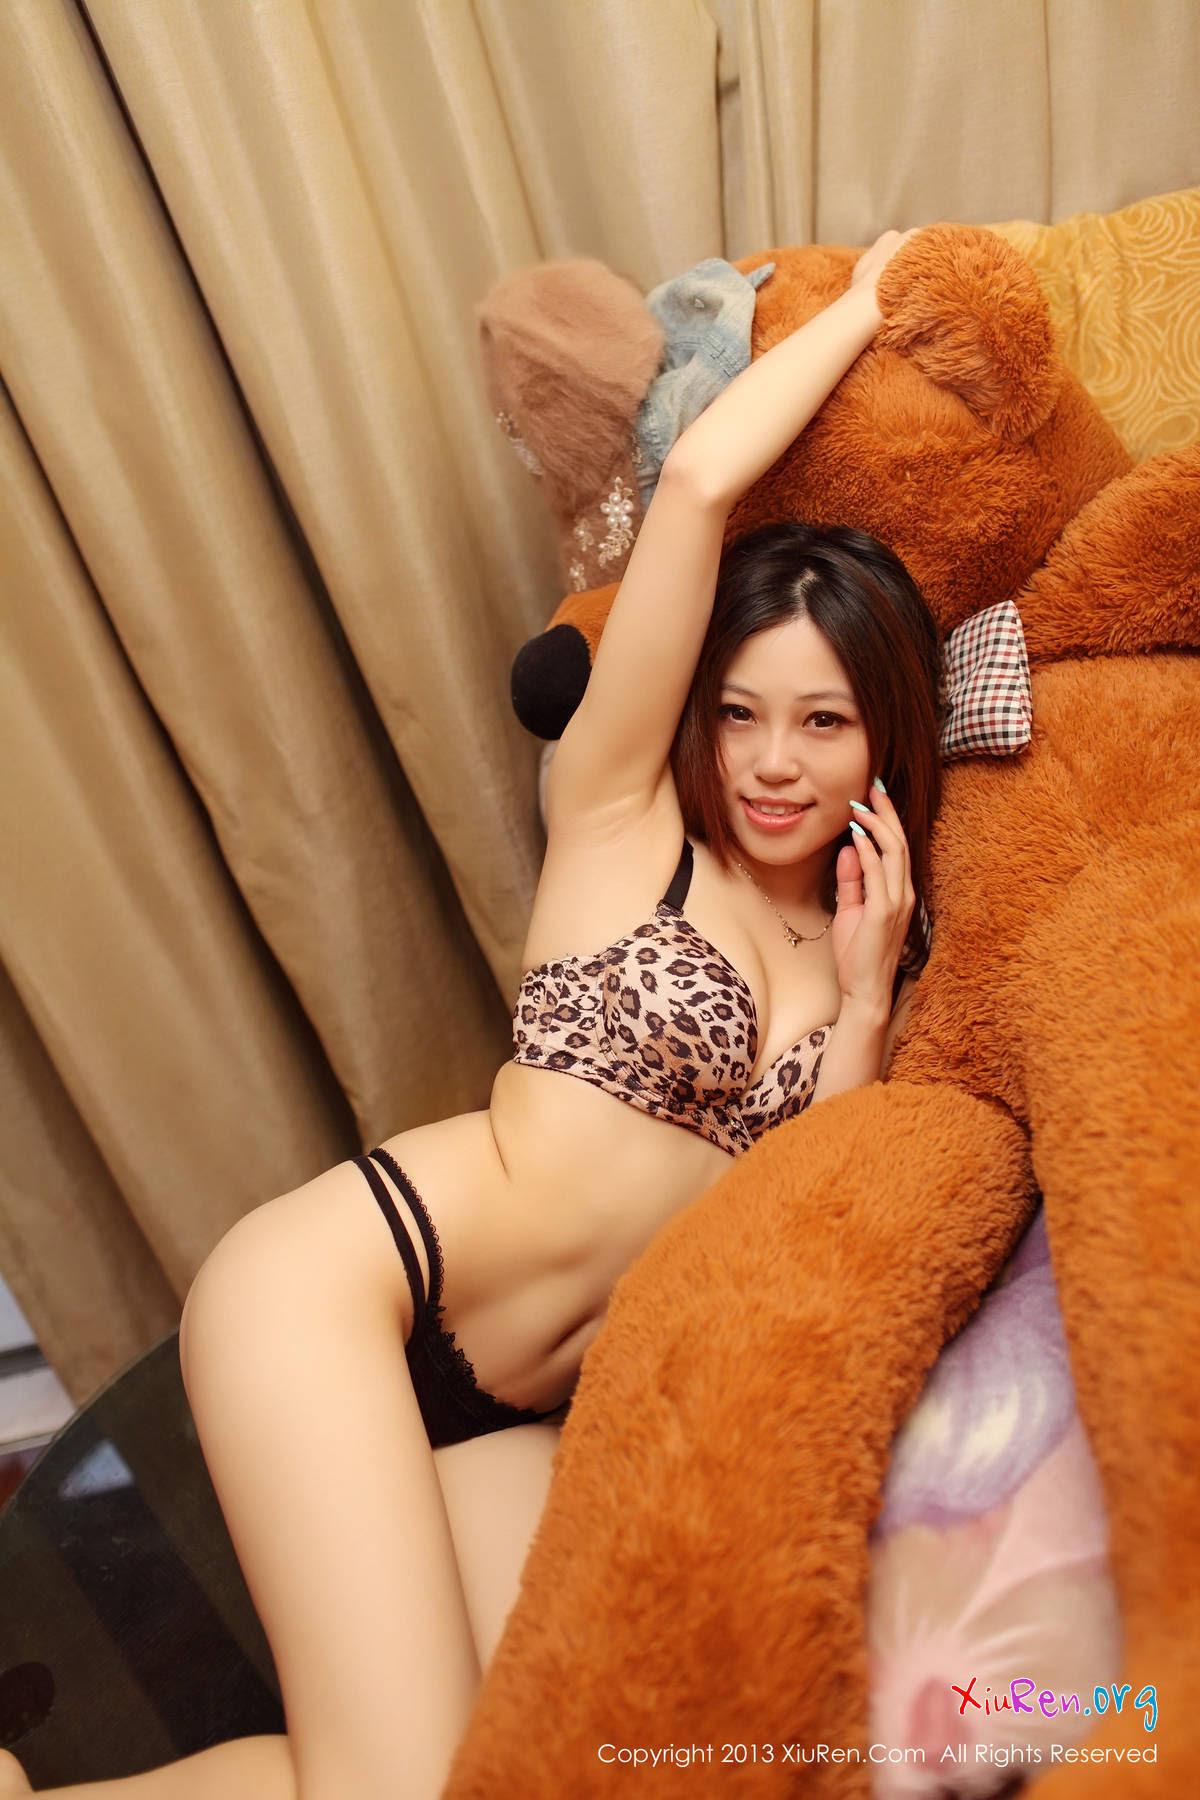 PhimVu-Blog-XiuRen-N00043-baby-0057.jpg